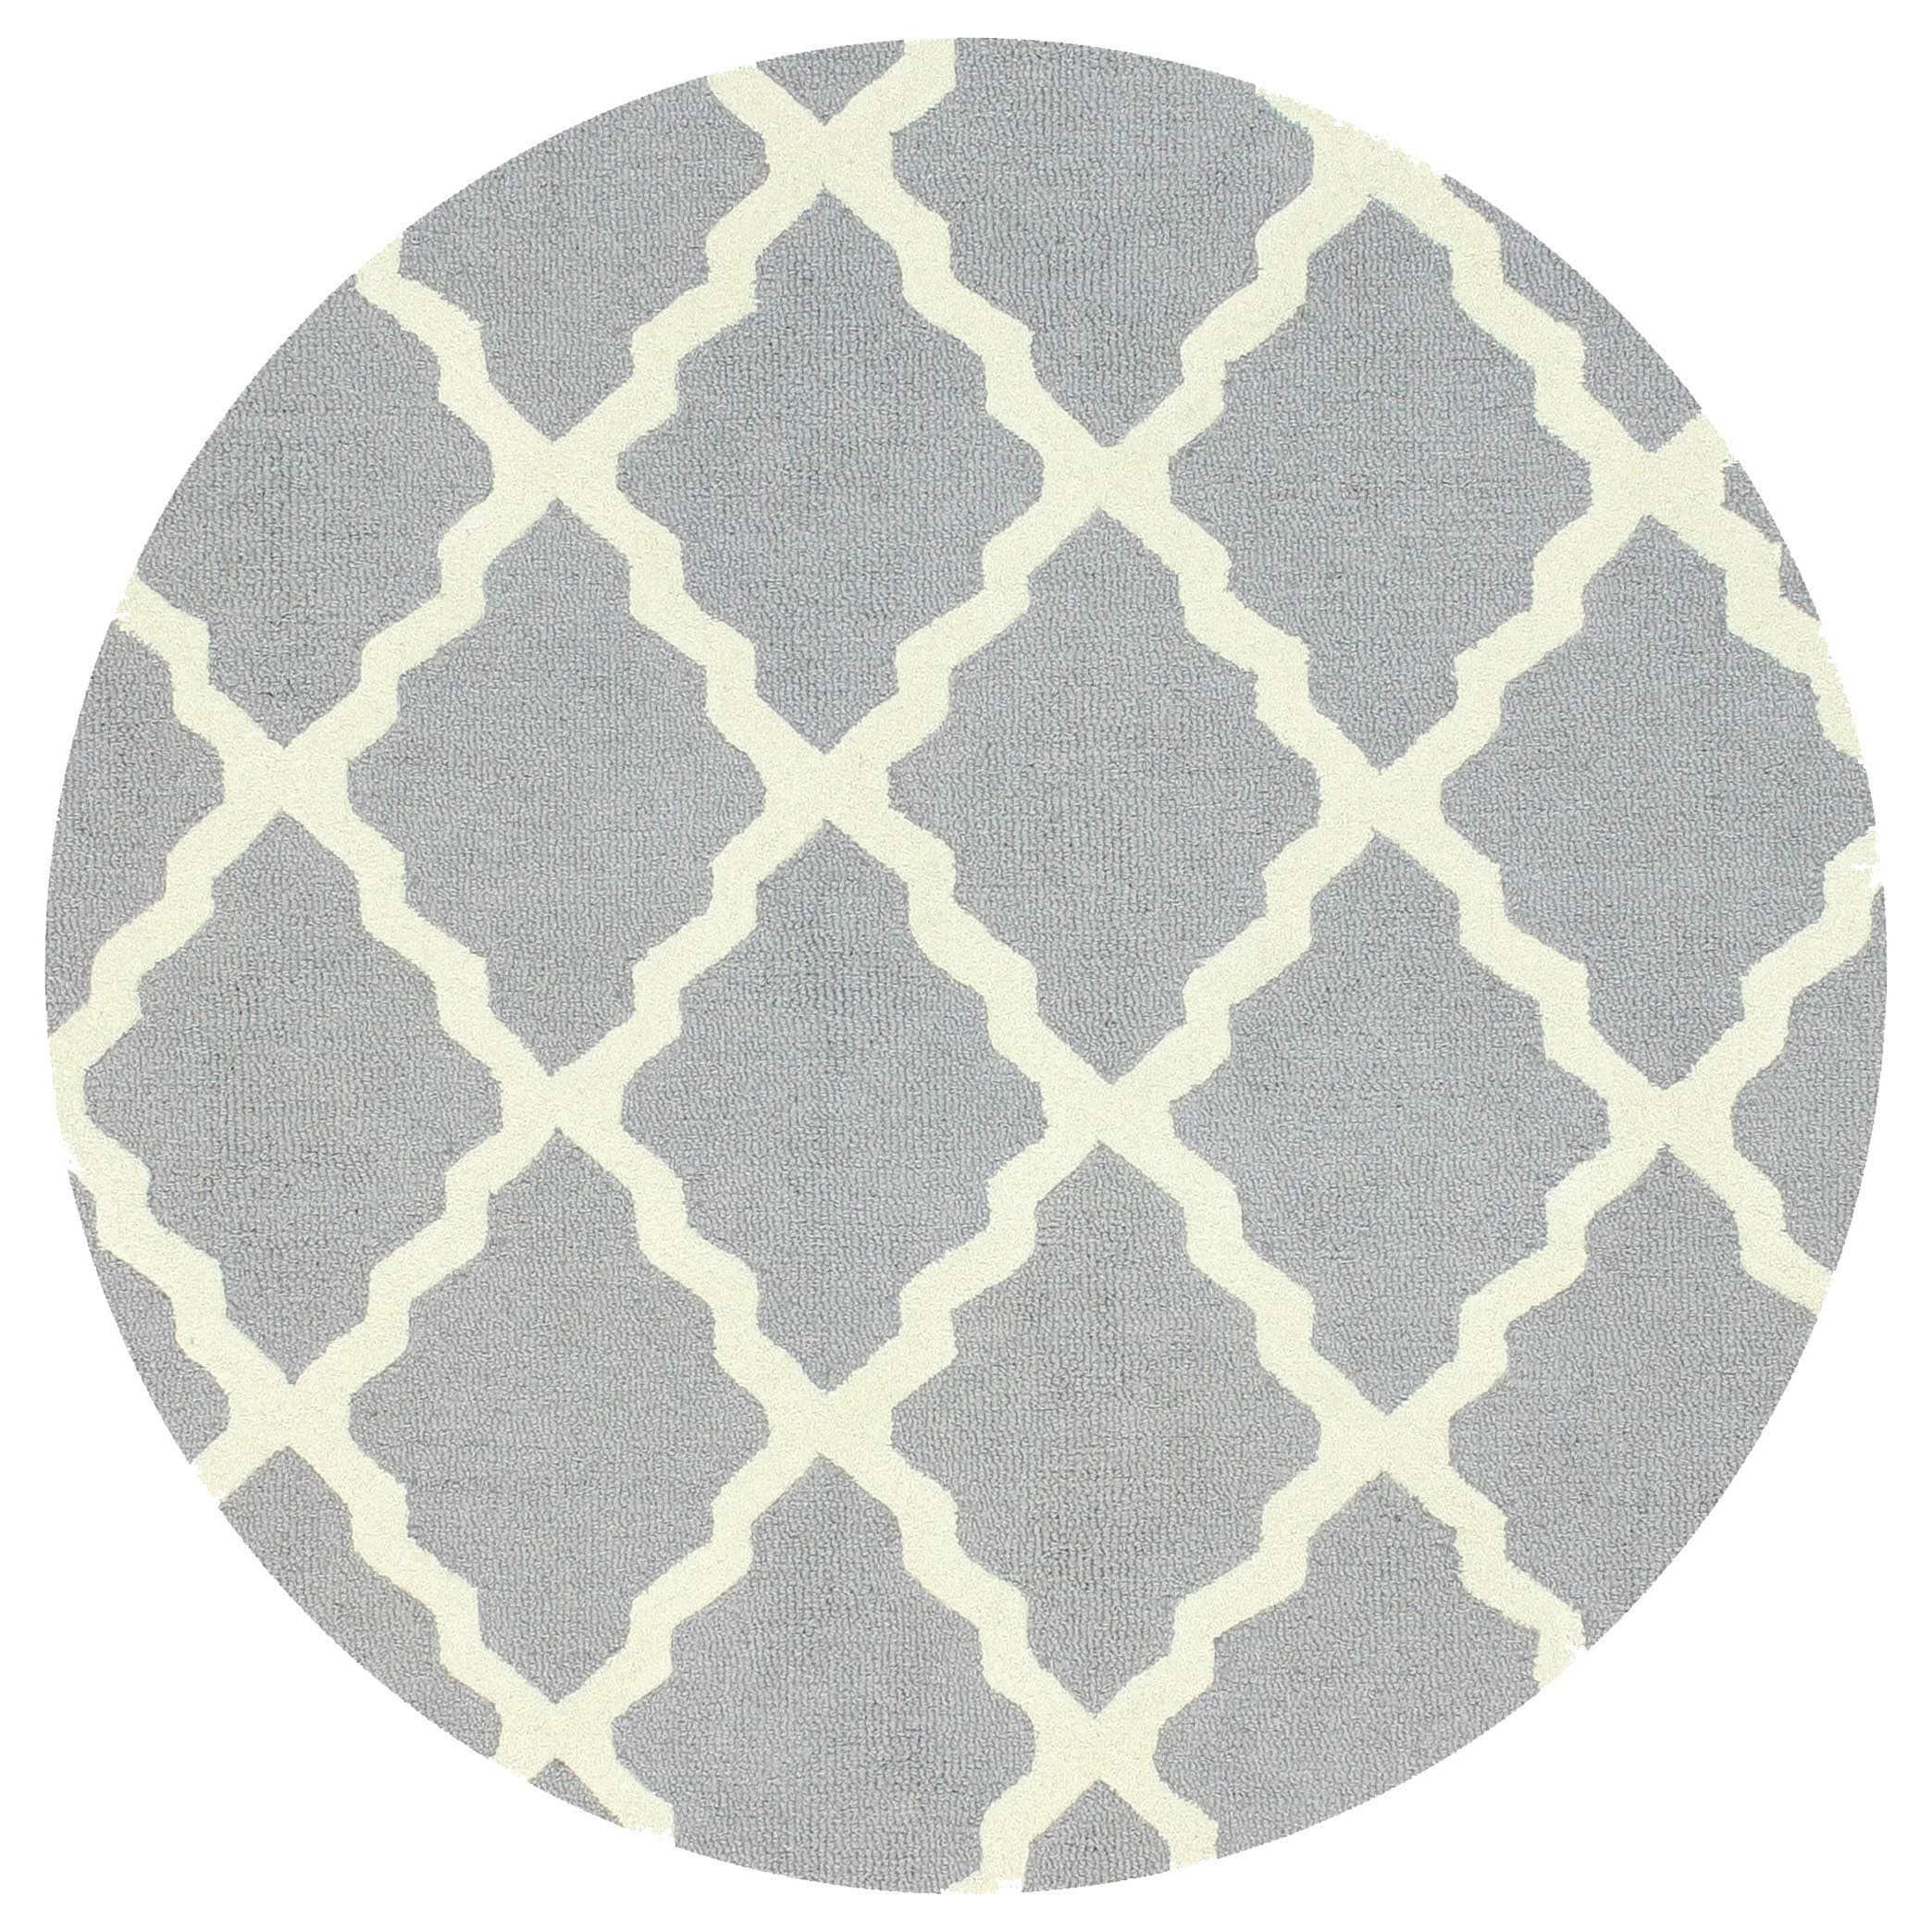 rugs rug nuloom pattern products stripe area wool jaipur rectangle brown flatweave blue